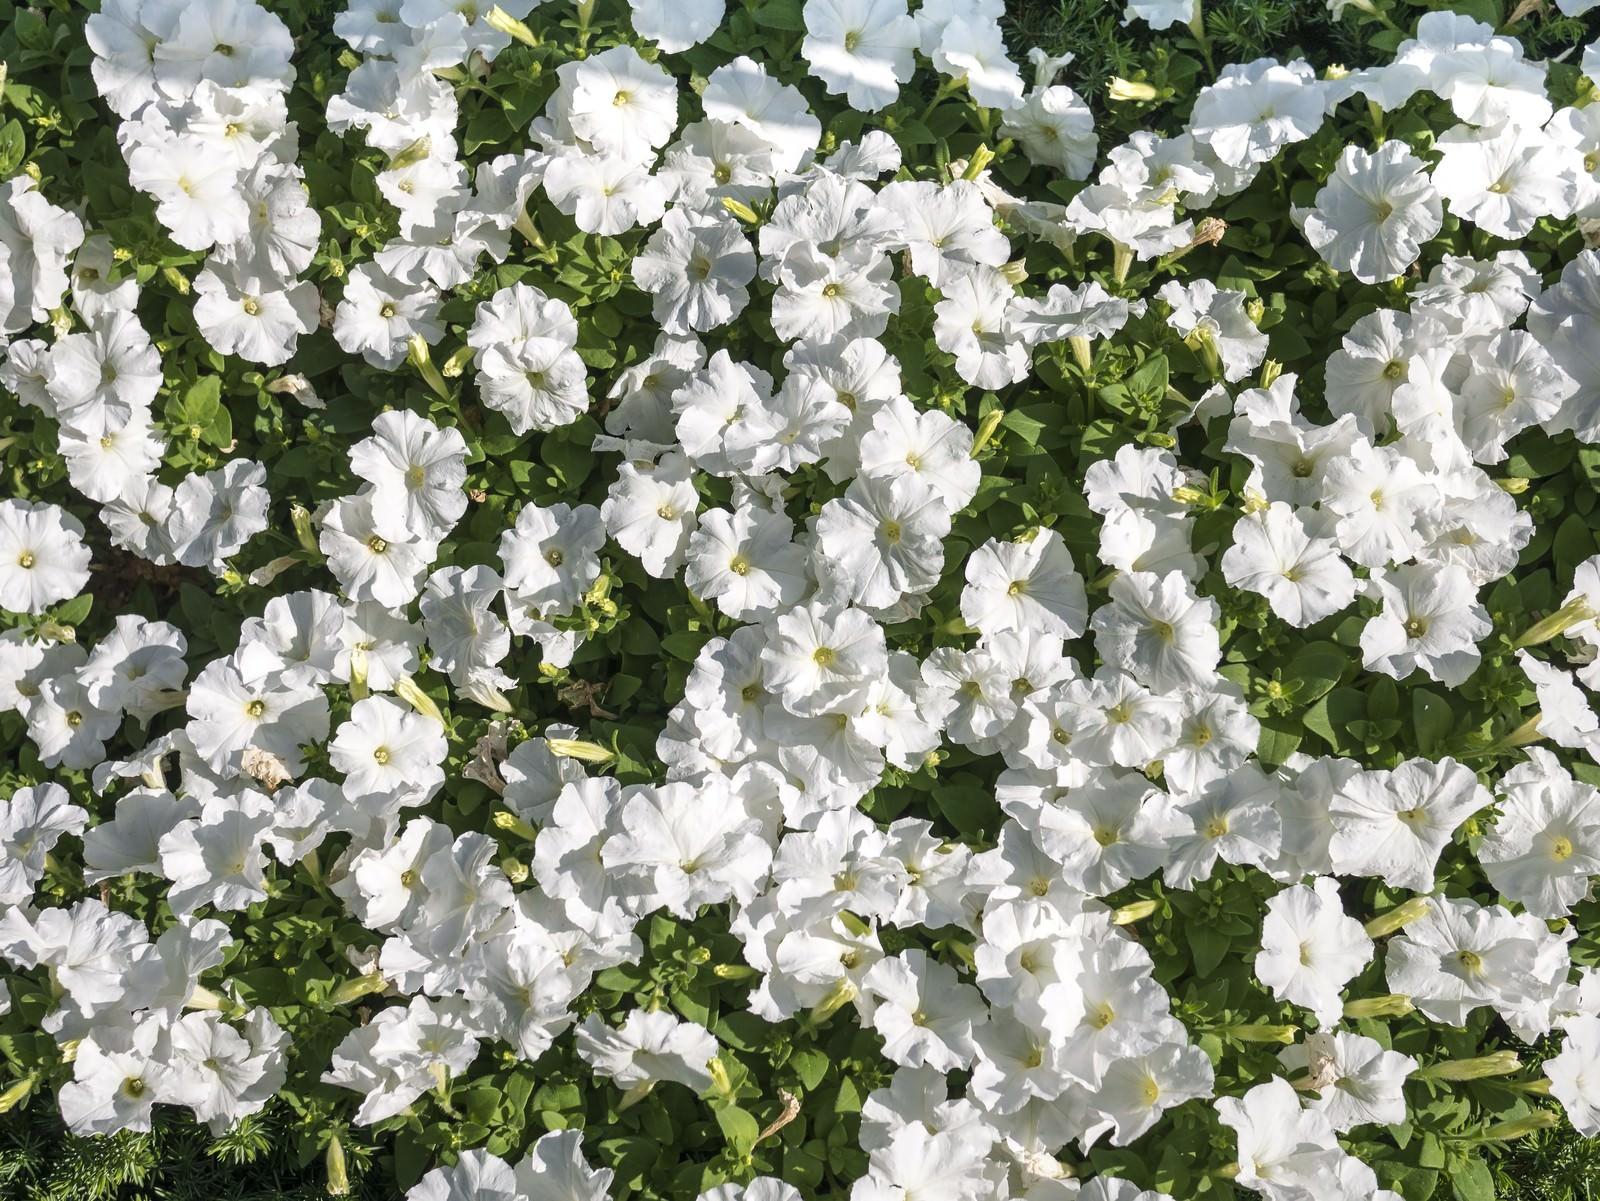 「ペチュニアの花壇」の写真